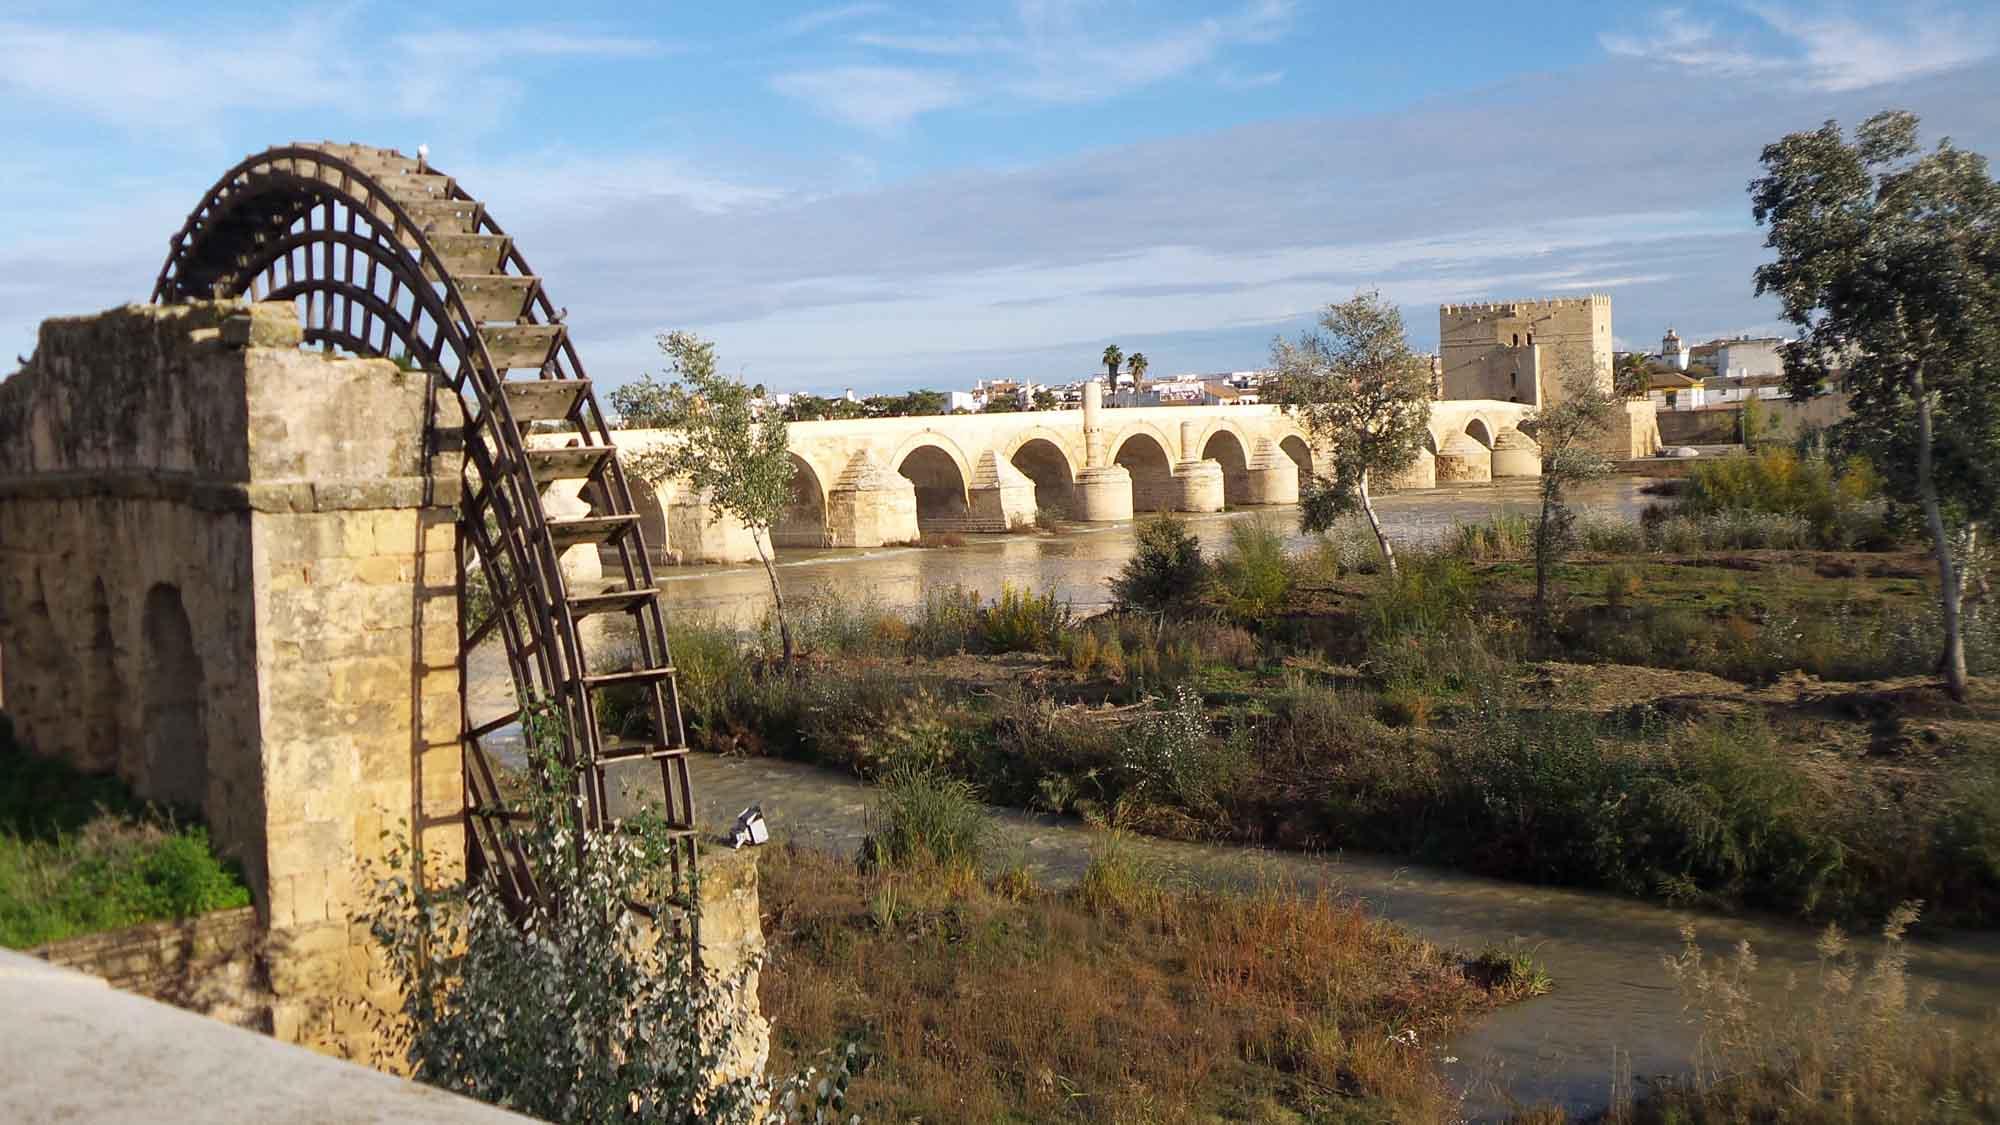 Car Rental Excess Insurance >> Andalusia Touring Holiday - Malaga, Ronda, Seville, Cordoba